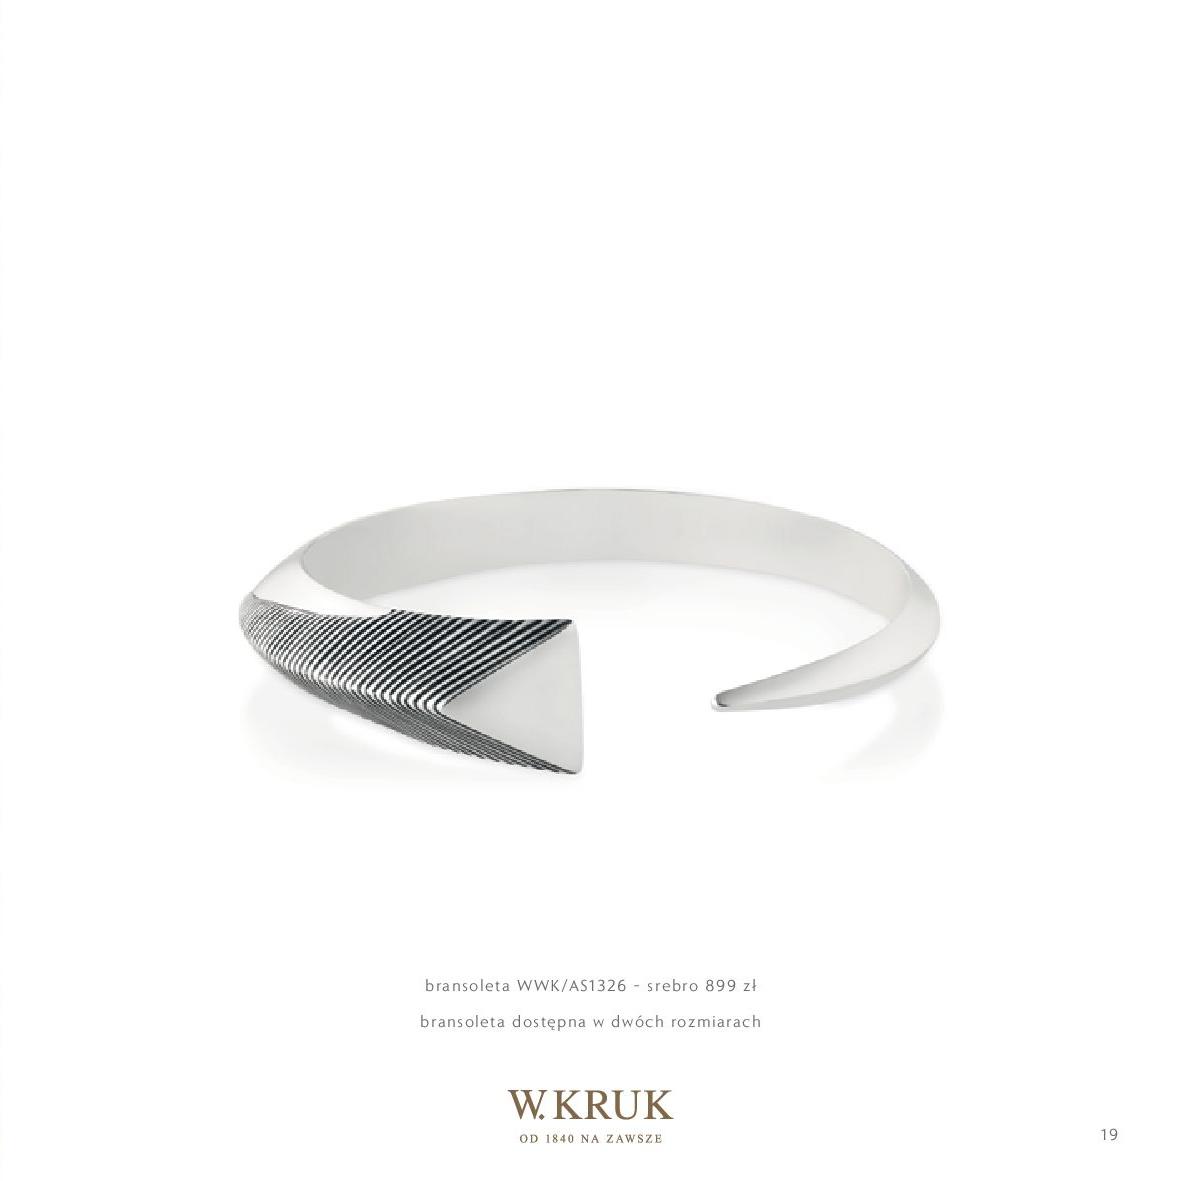 Gazetka W. KRUK: Katalog - Kolekcja Freedom 2021-02-17 page-21